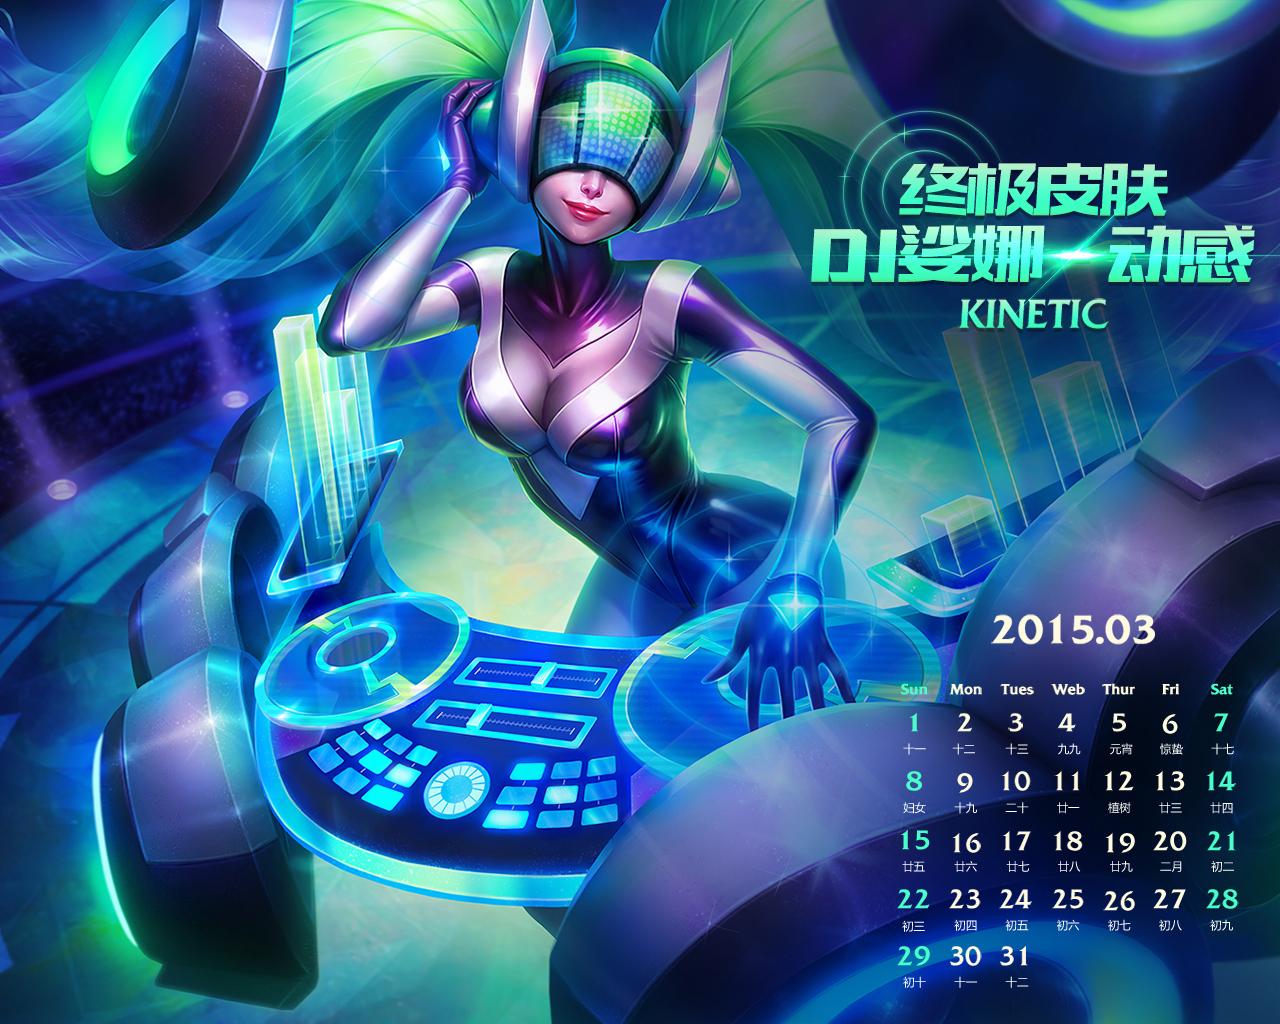 羊年日历:3月-英雄联盟官方网站-腾讯游戏